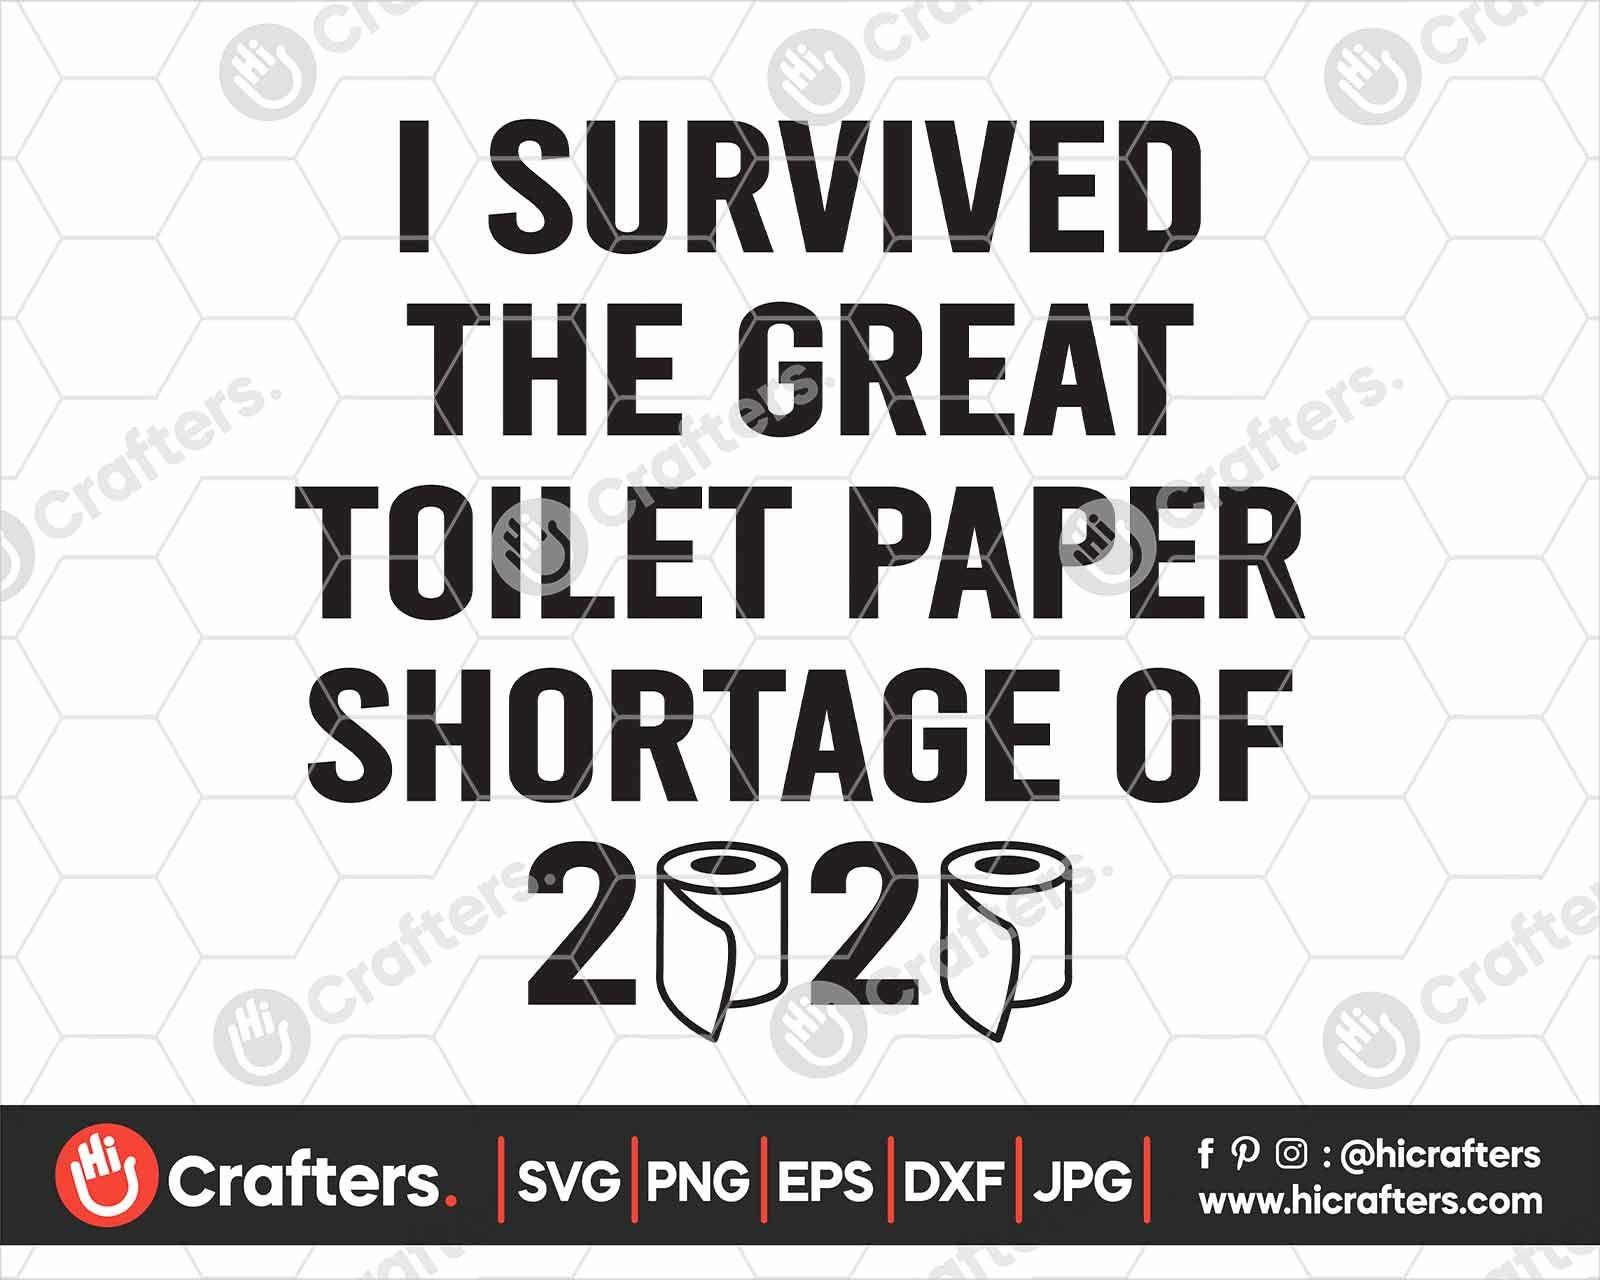 I Survived The Toilet Paper Shortage Of 2020 SVG PNG Hi